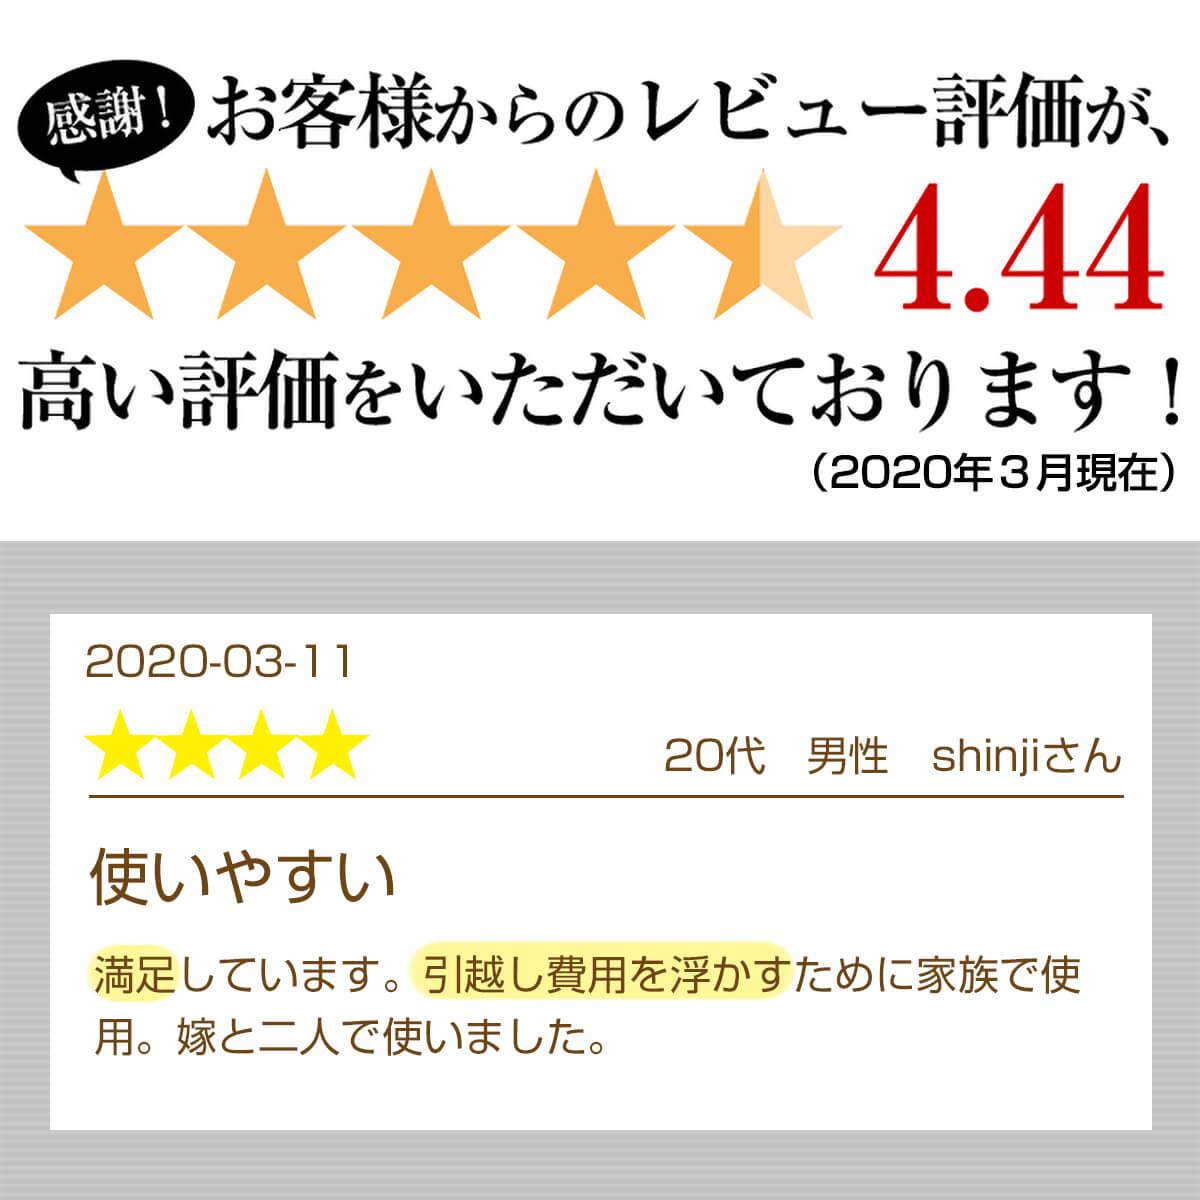 ユーザー満足度4.44